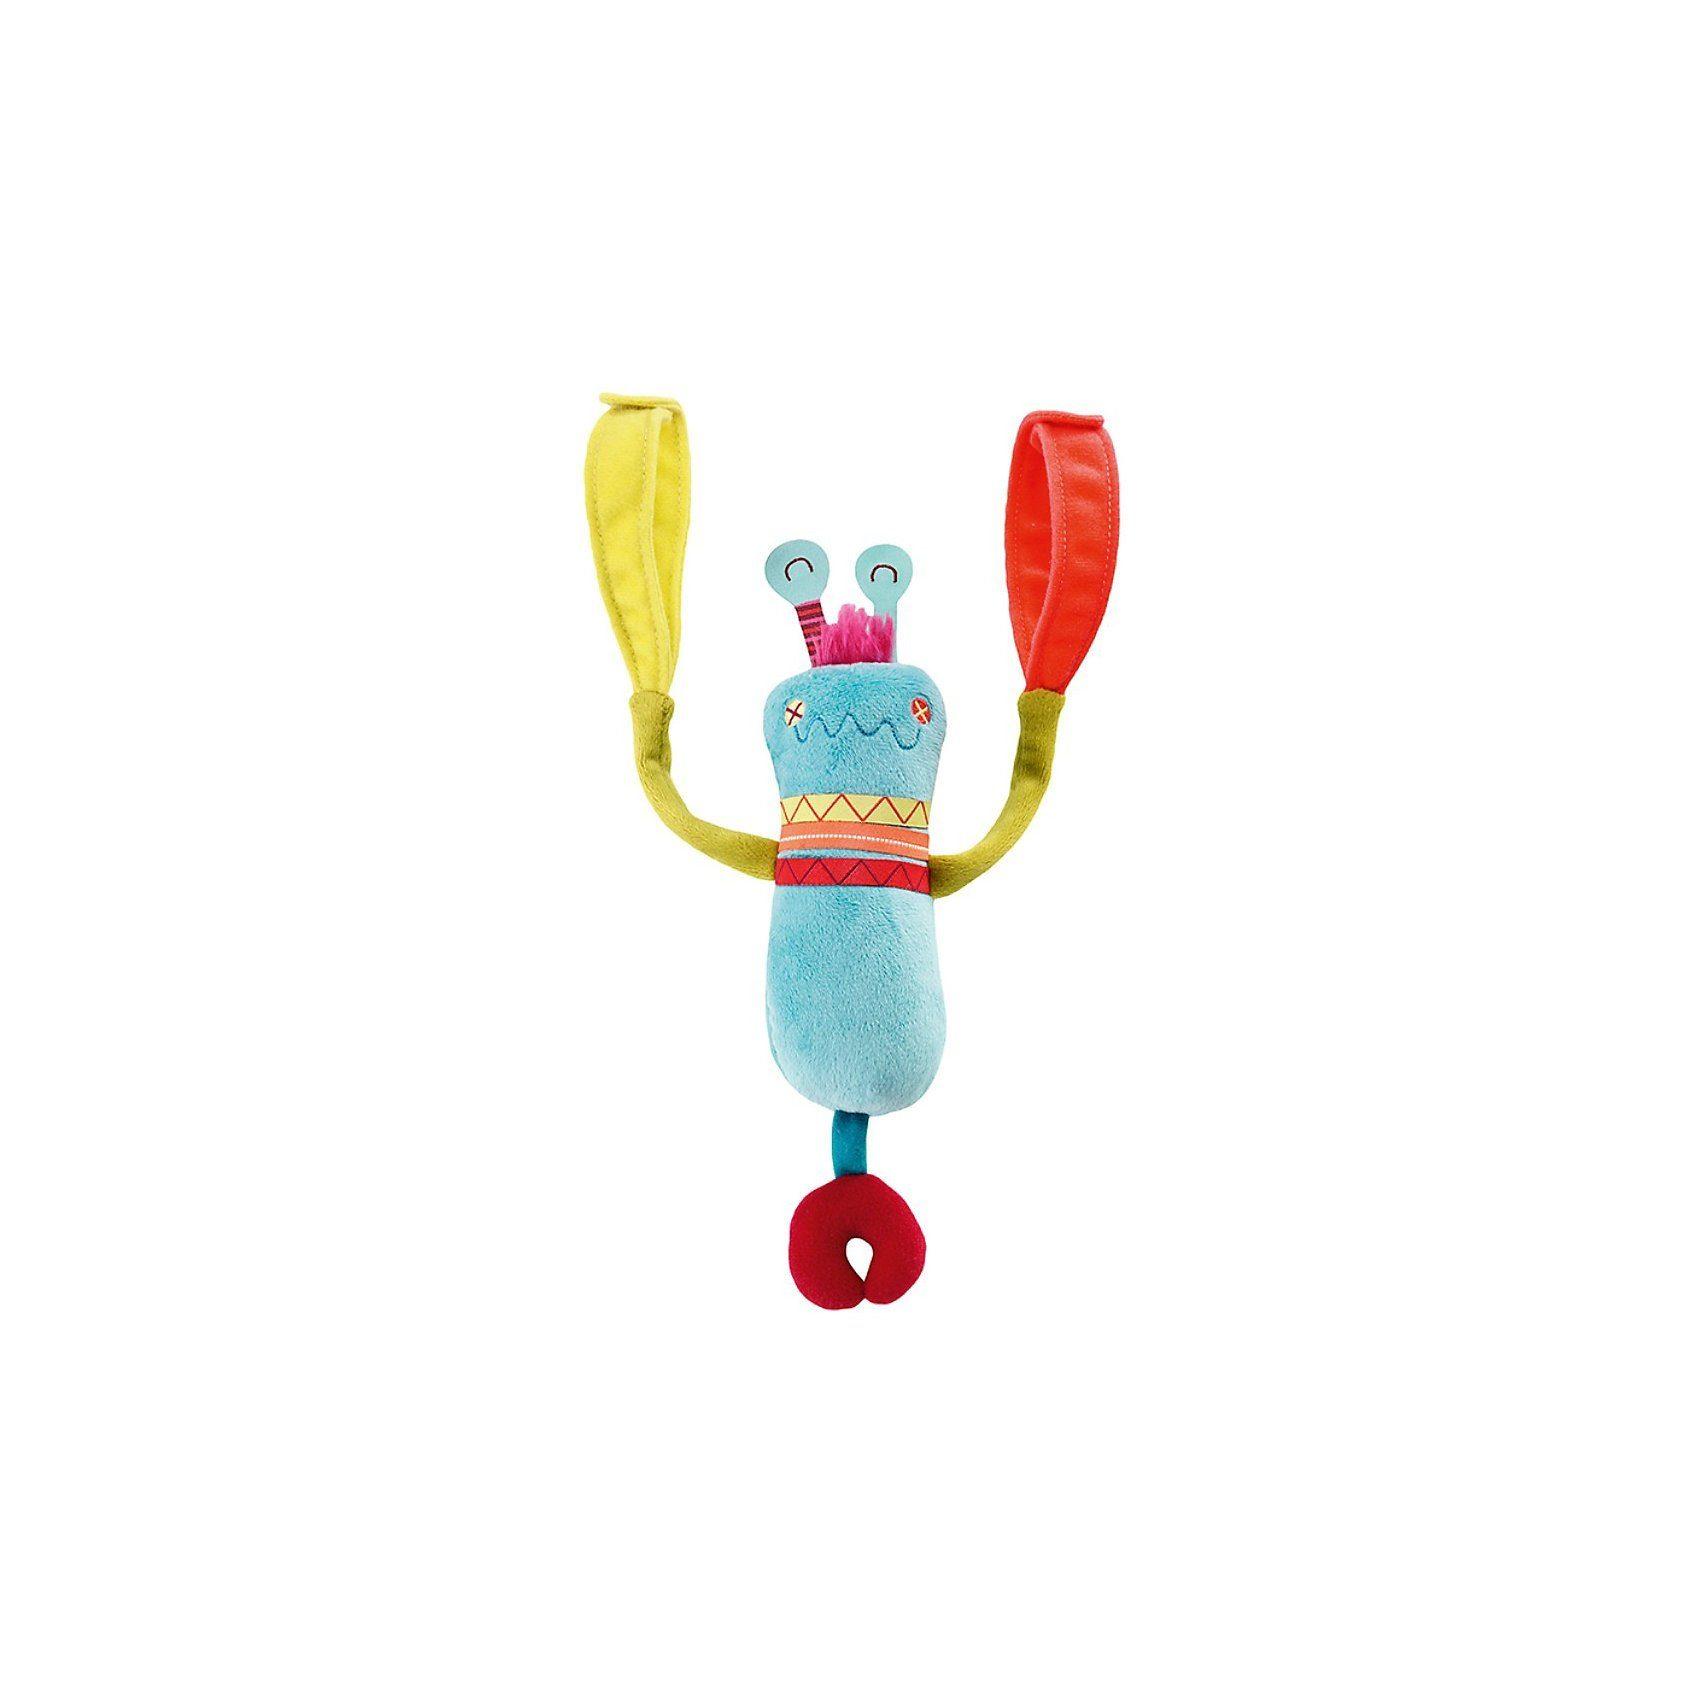 Lilliputiens® Rolobot Aktionsrassel mit Regengeräusch